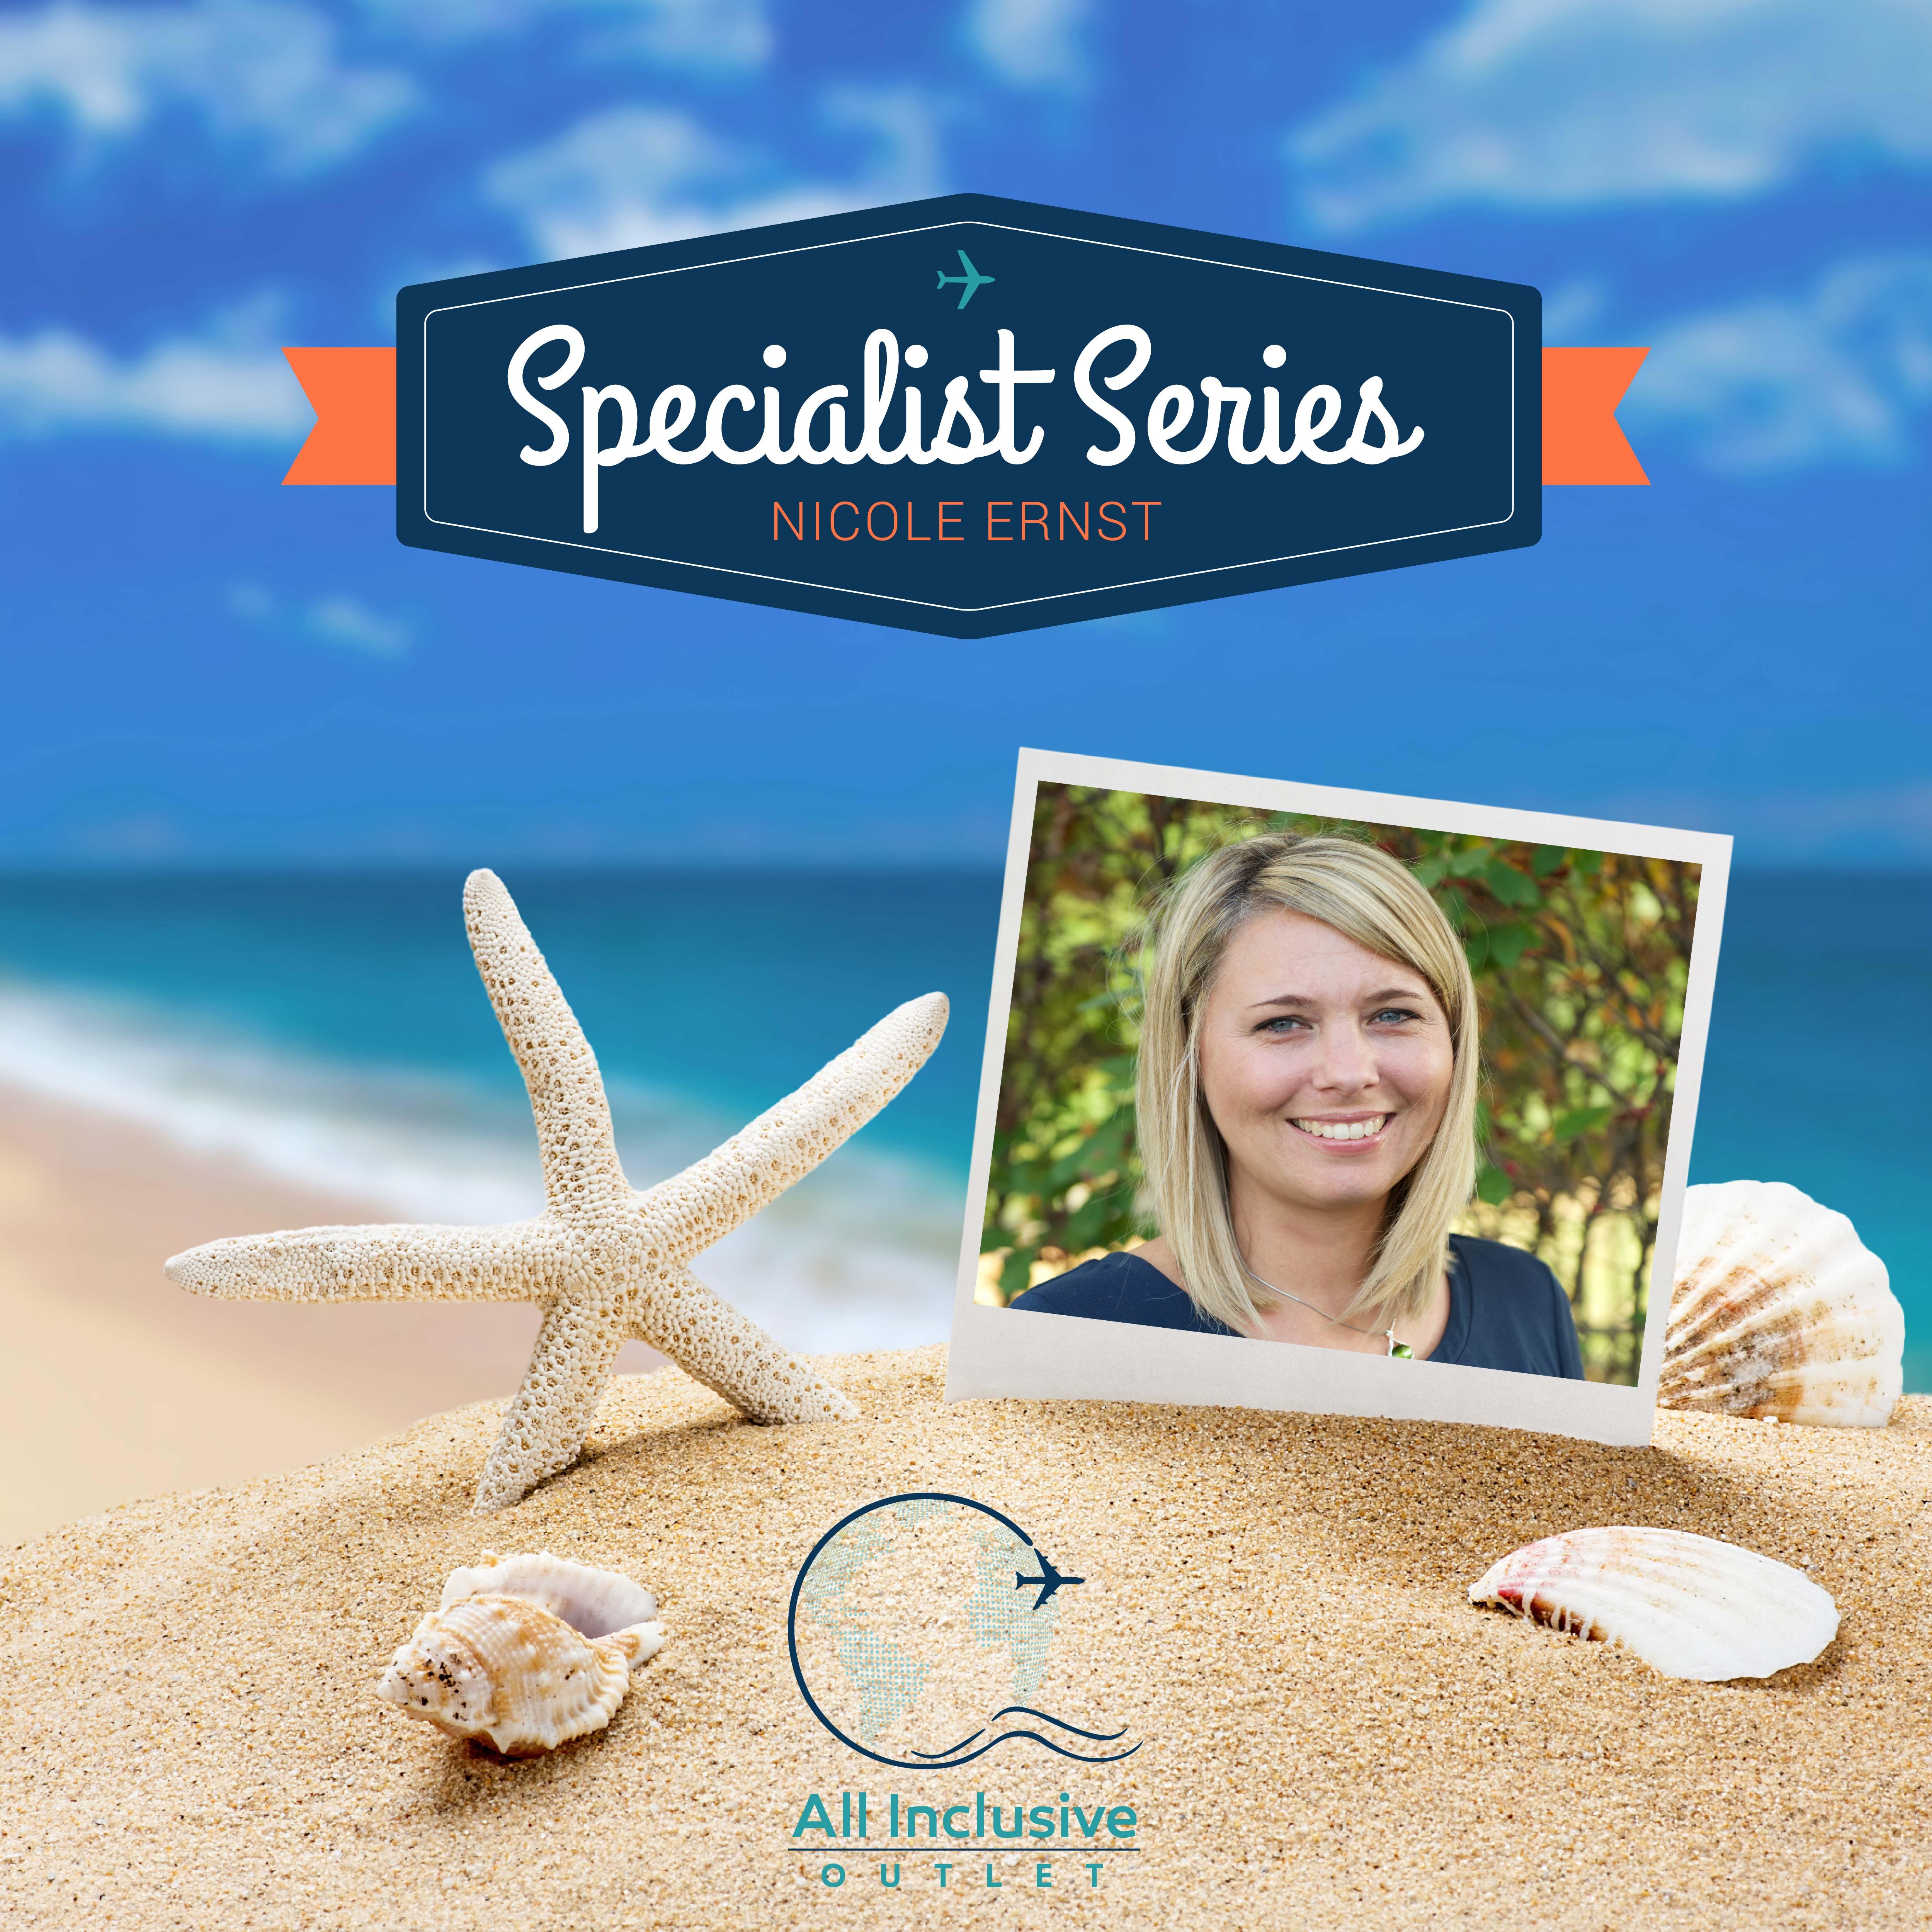 Specialist Series: Nicole Ernst